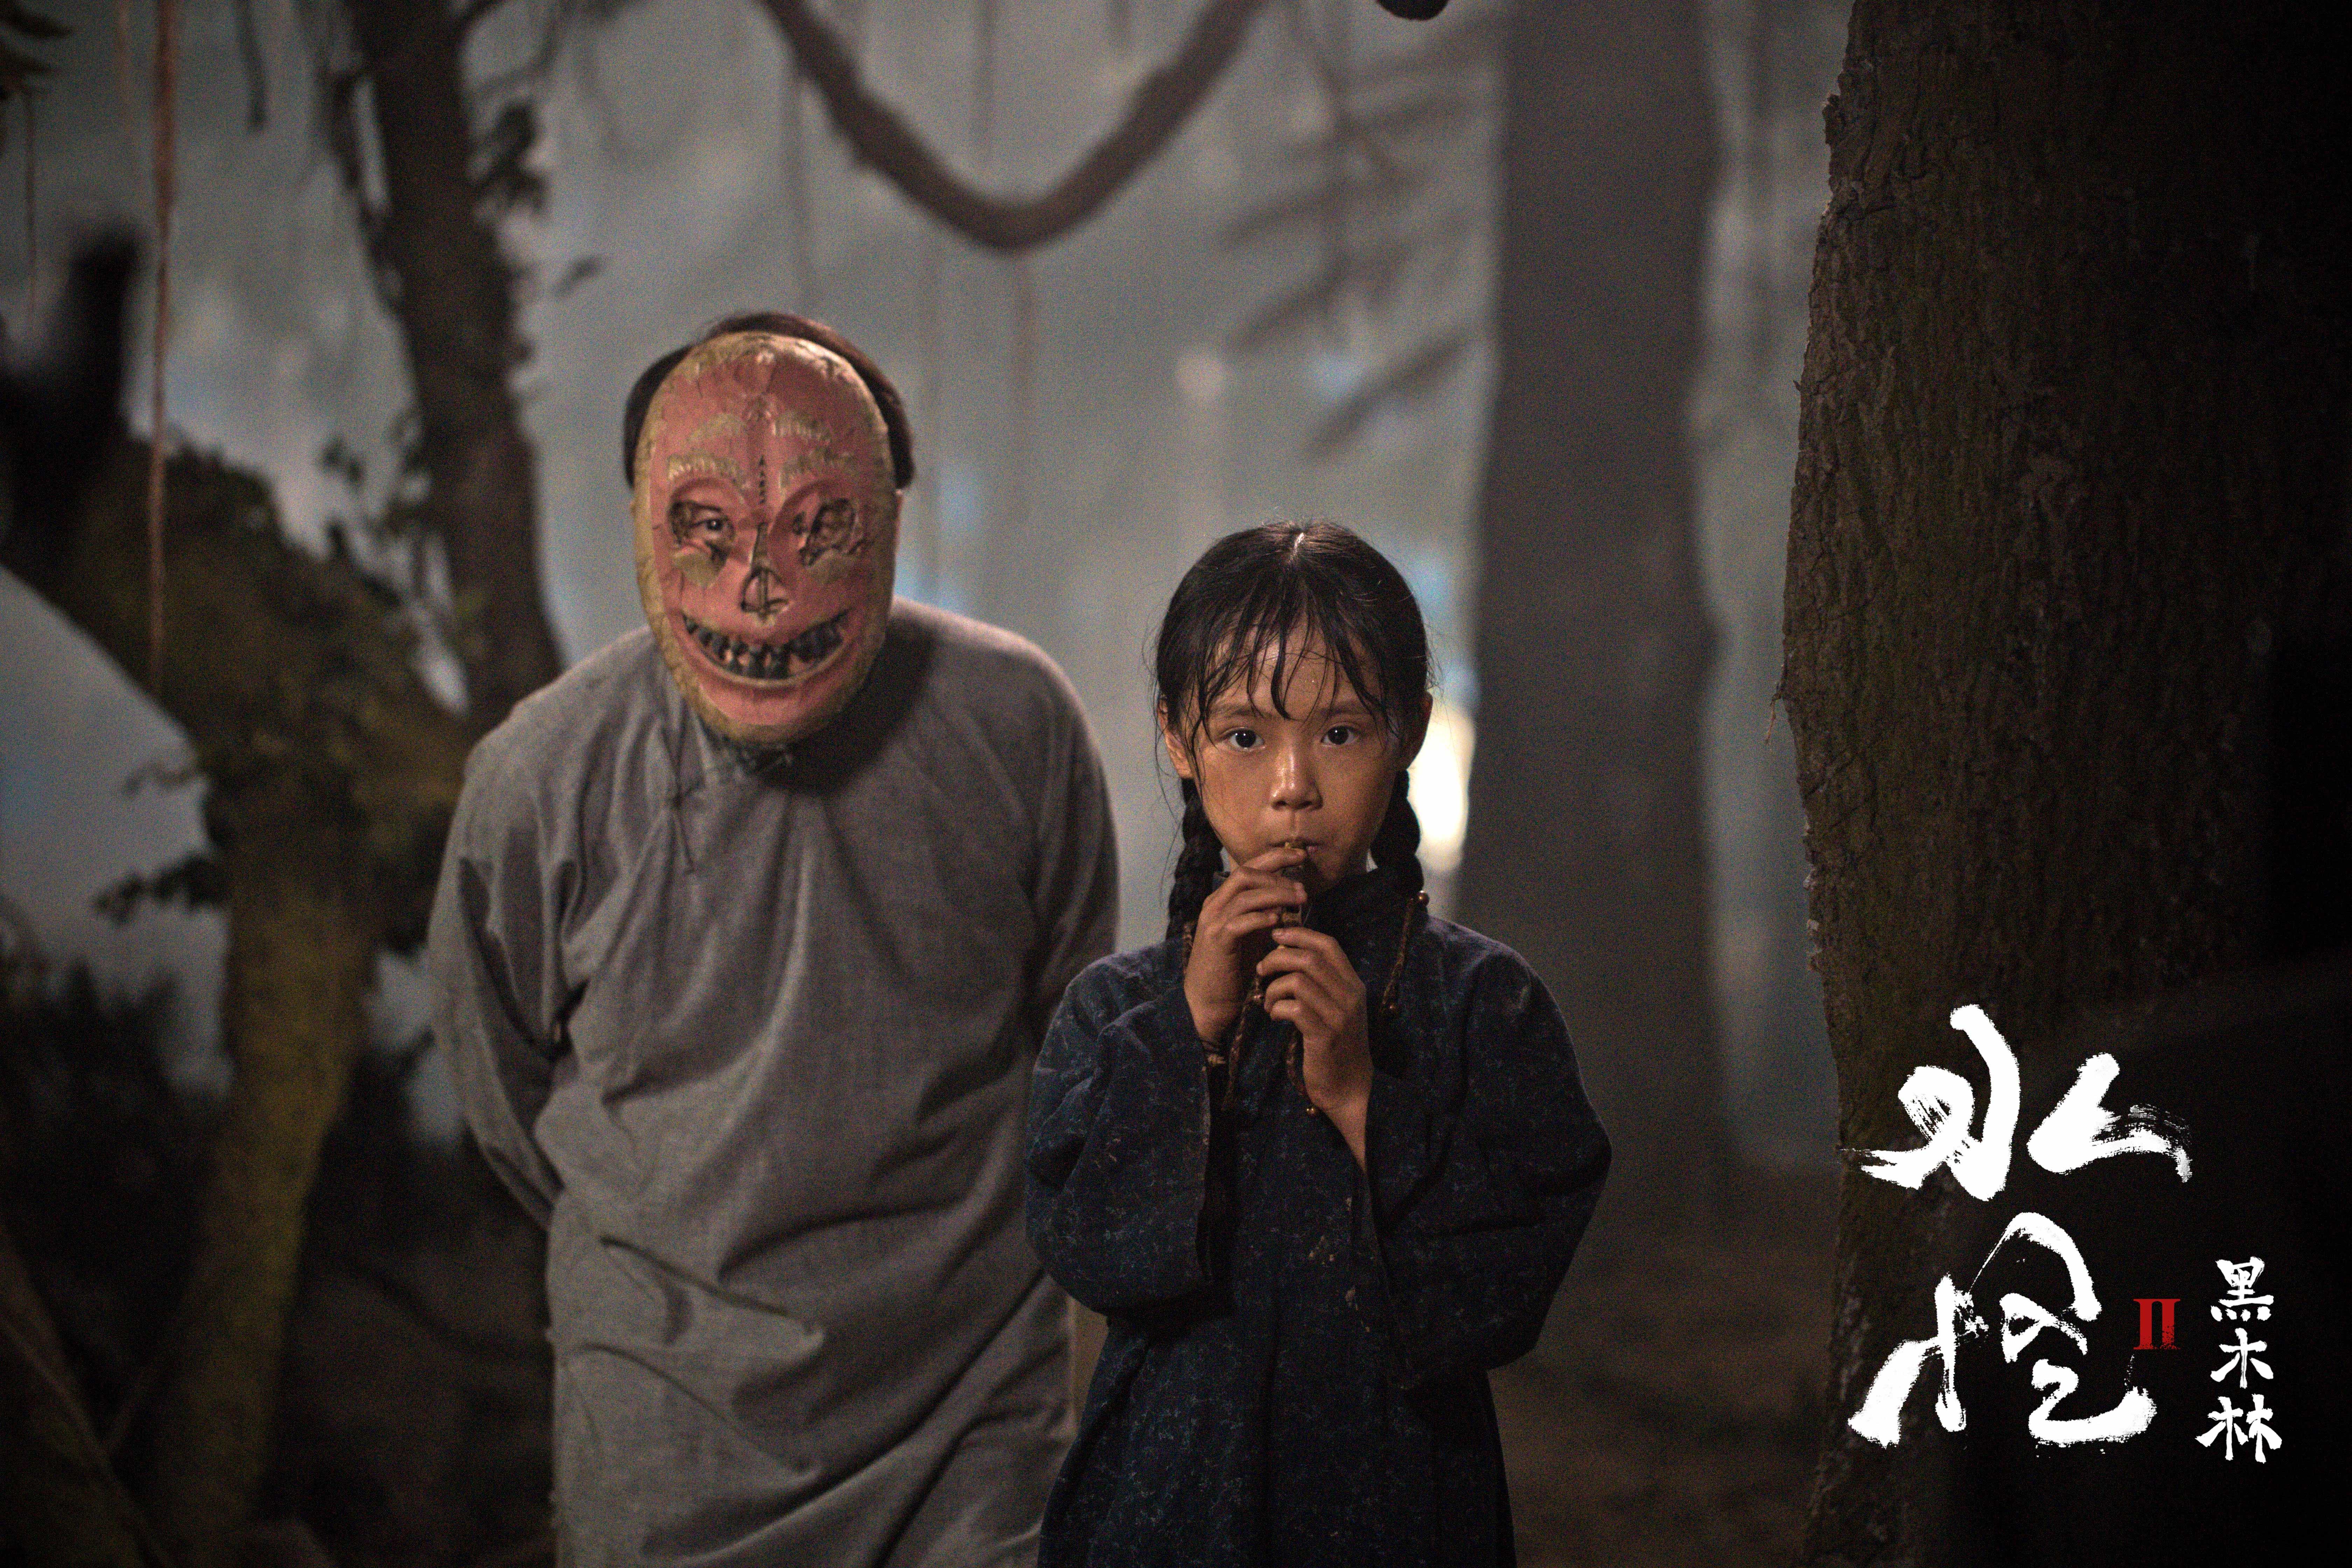 怪兽+姐弟恋+河童,这是国产《水形物语》?你错了!妥妥小丑回魂